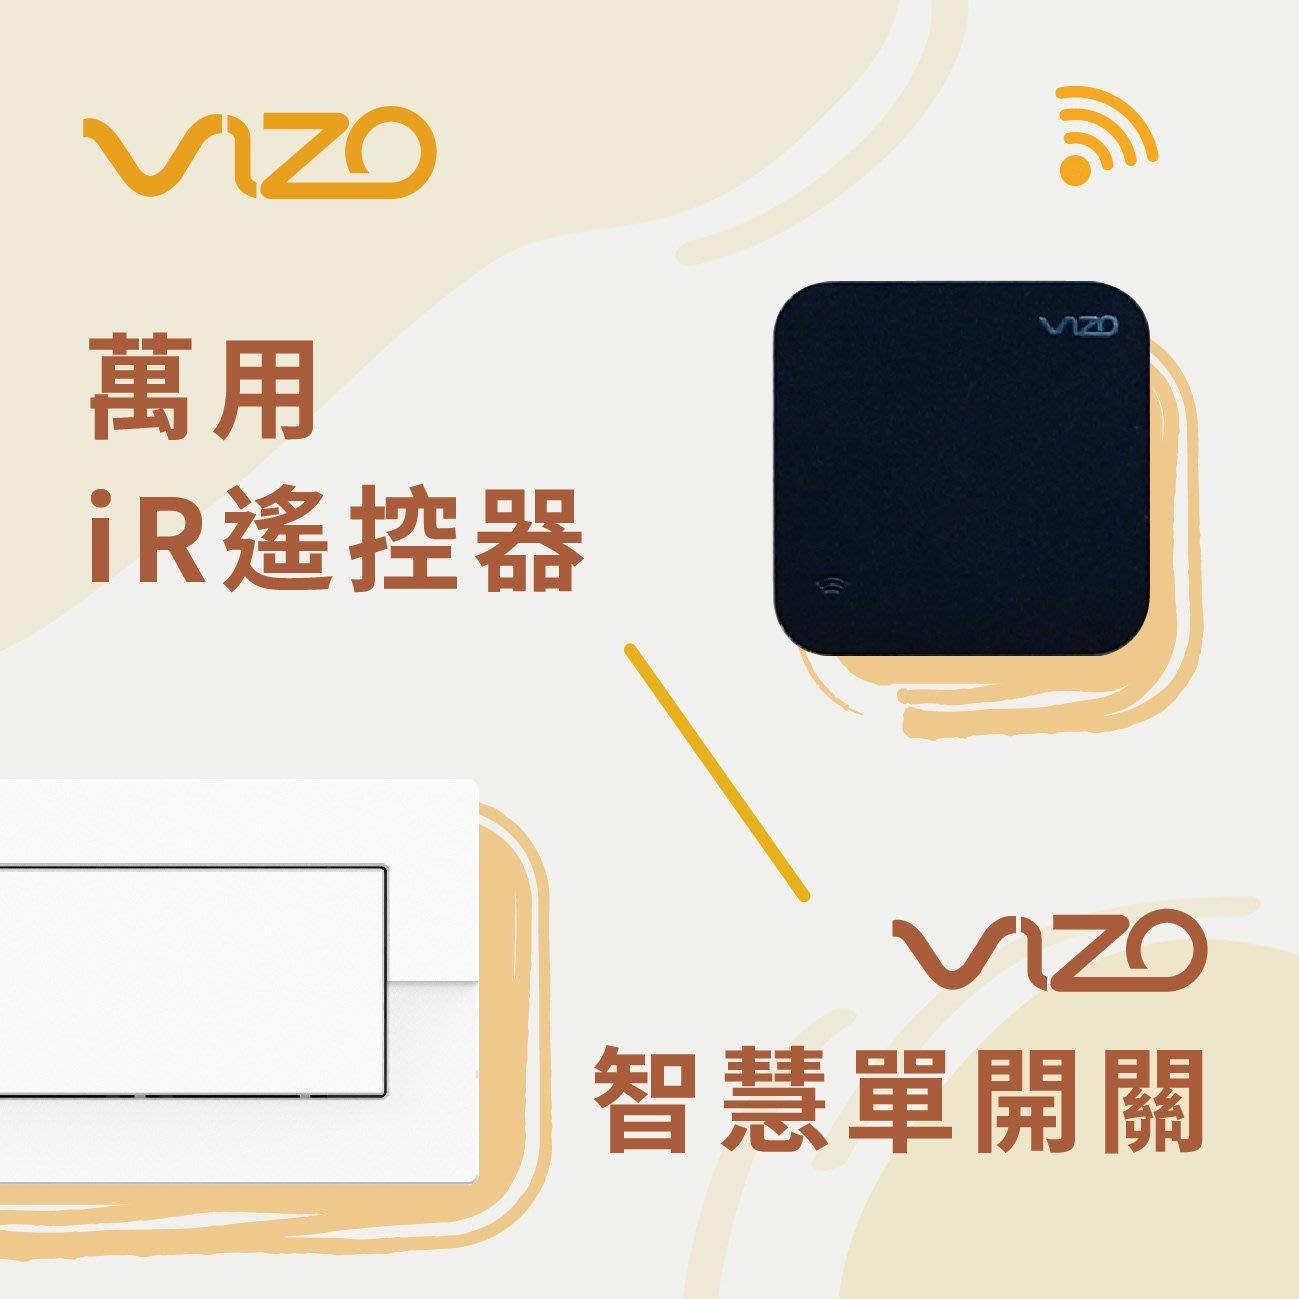 超值組 1+1【VIZO弈碩】IR萬用遙控器+VIZO智慧單開關 智慧家庭必敗商品